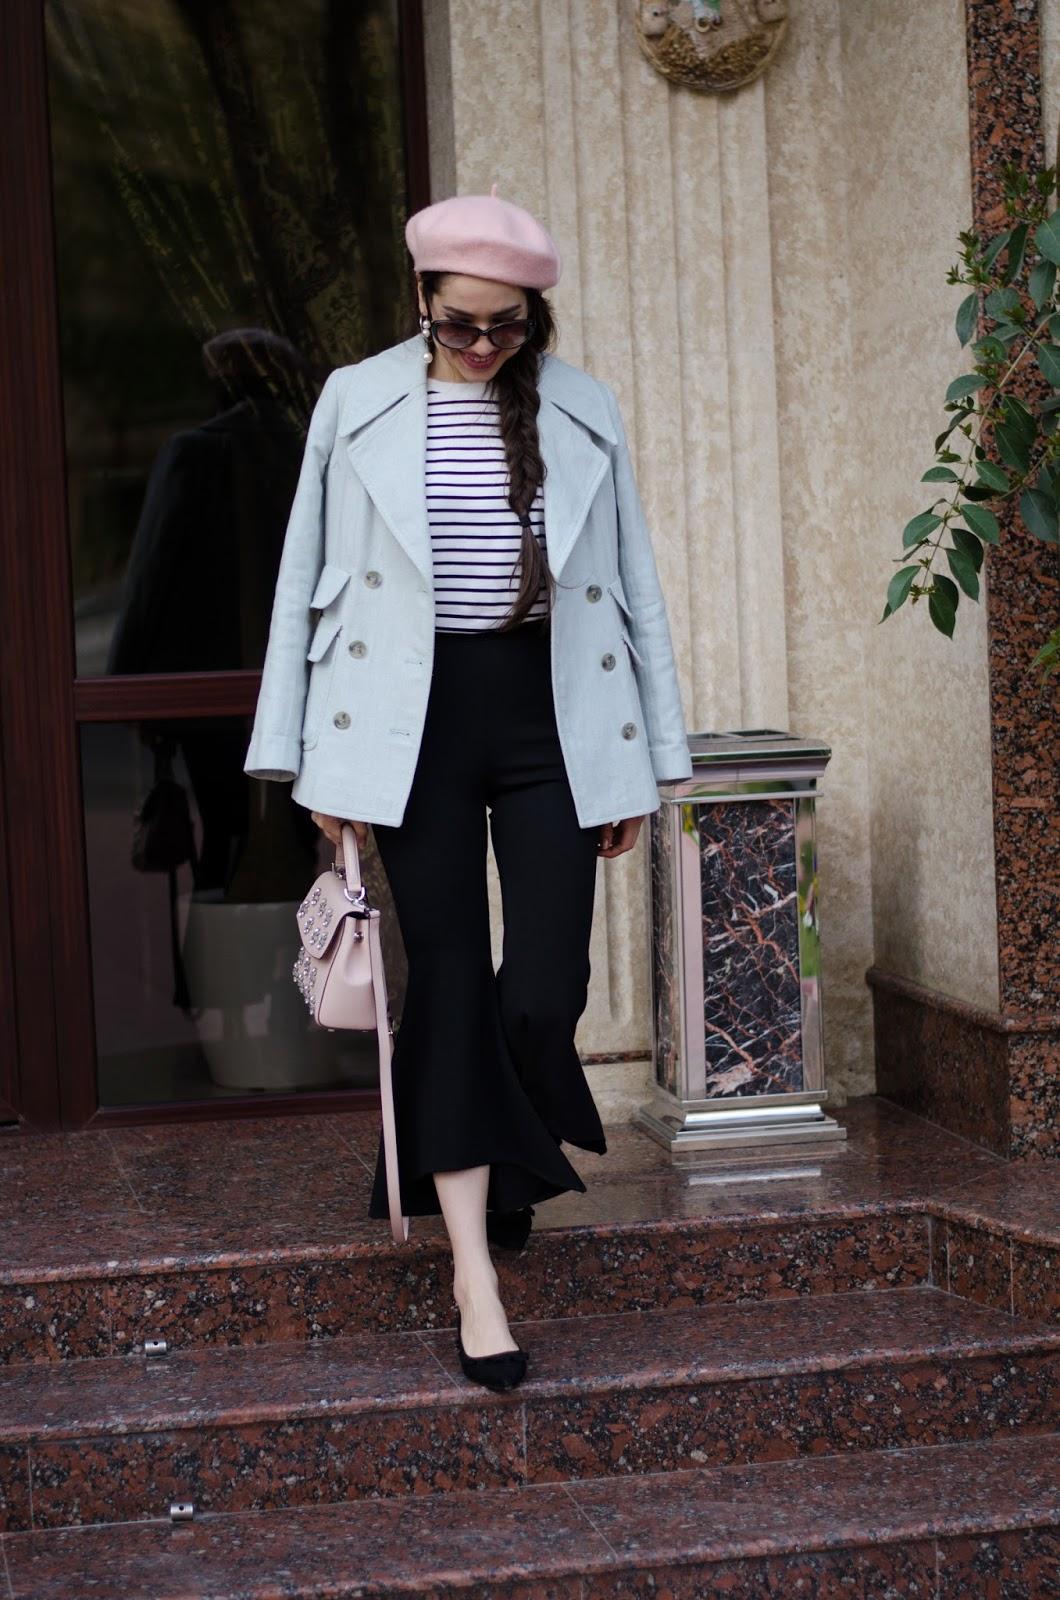 fashion blogger diyorasnotes diyora beta paris style striped top ruffles pink bag michael kors